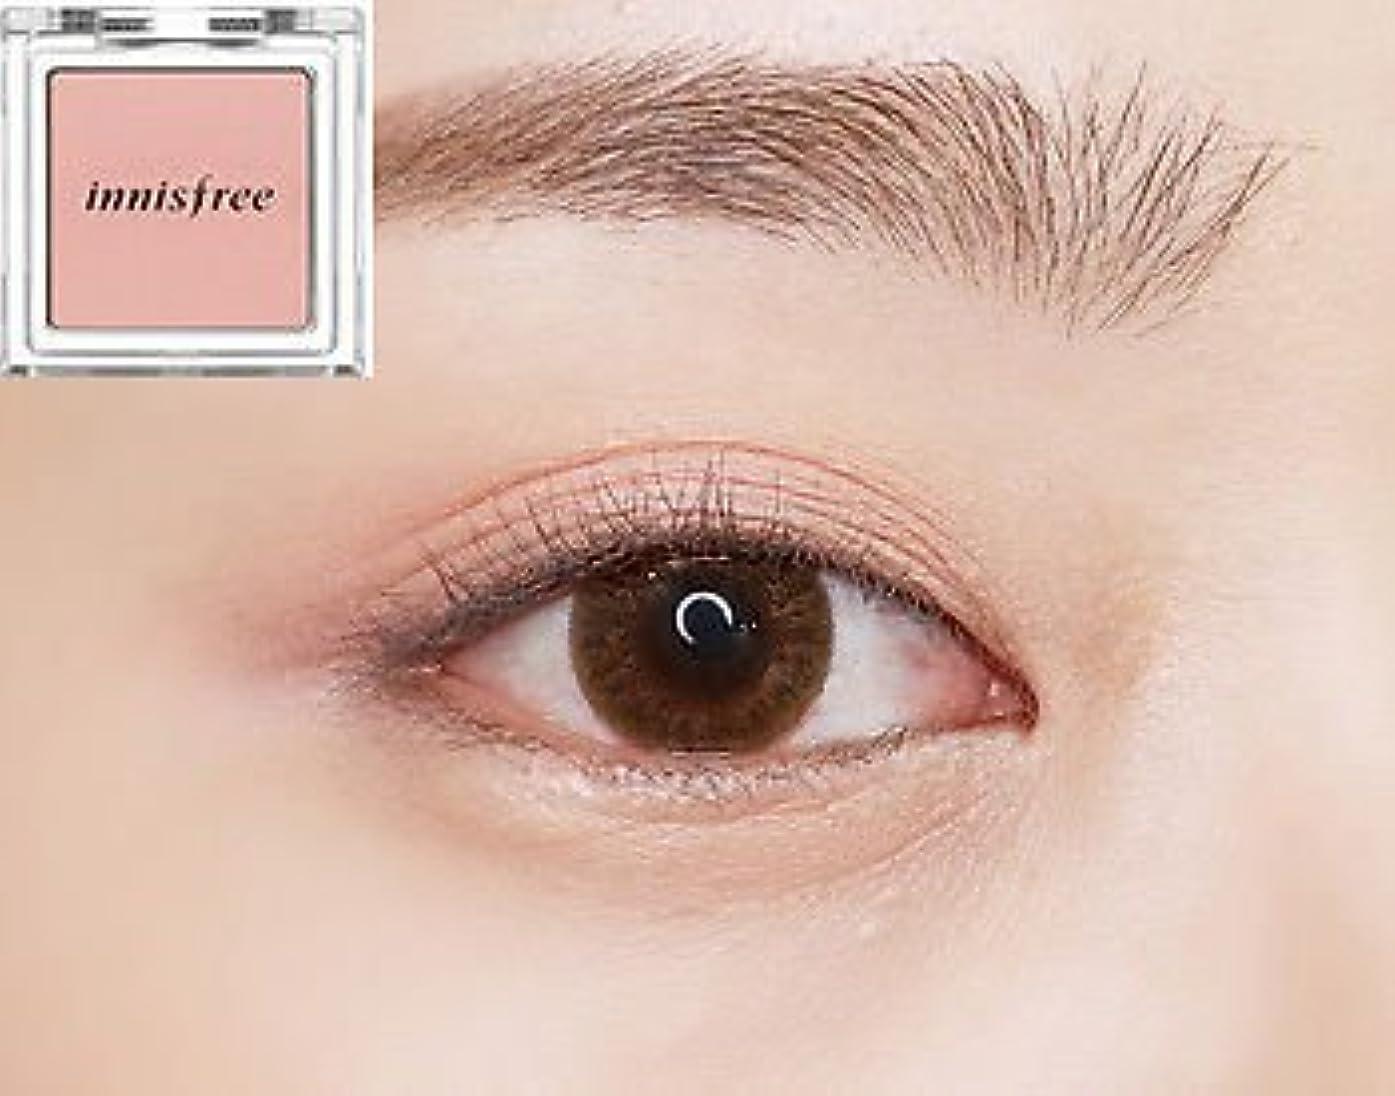 ポータル映画定期的に[イニスフリー] innisfree [マイ パレット マイ アイシャドウ (シマ一) 39カラー] MY PALETTE My Eyeshadow (Shimmer) 39 Shades [海外直送品] (シマ一 #03)